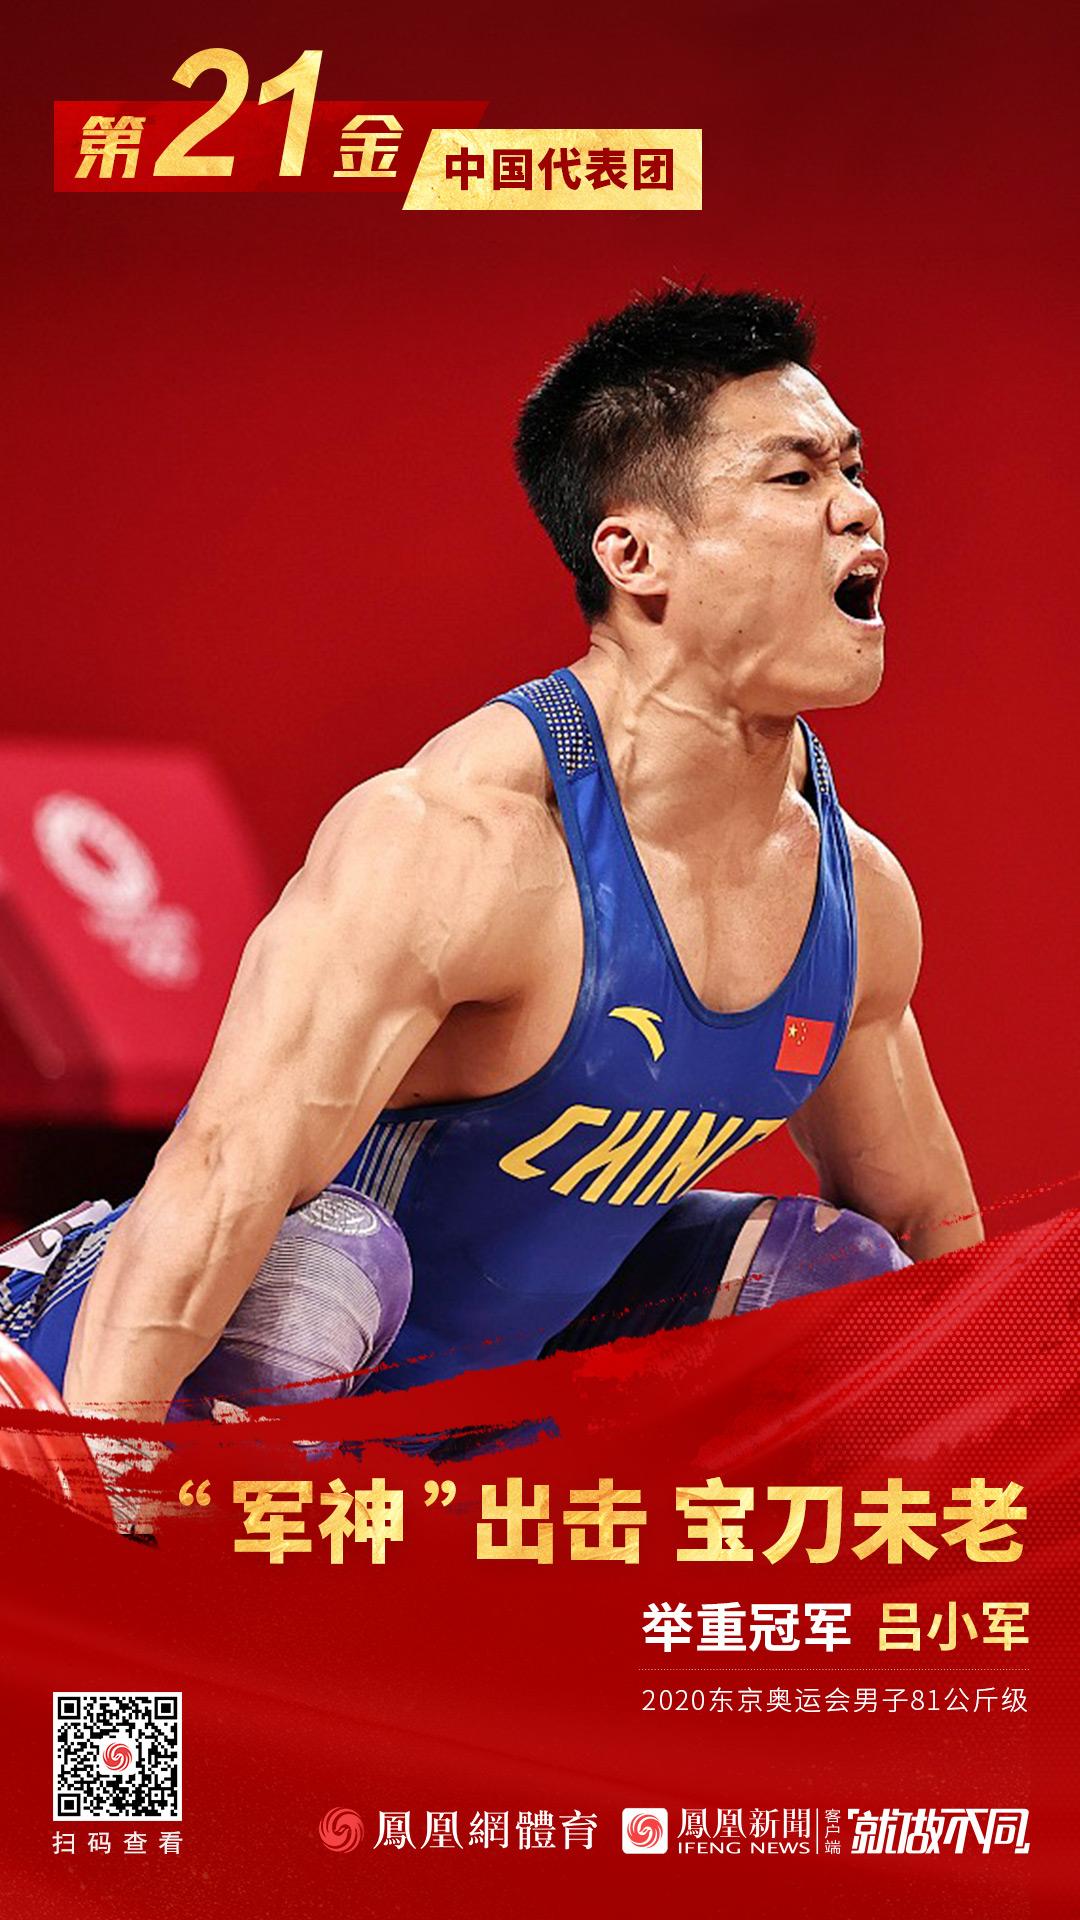 第21金来了!吕小军夺中国举重第5金 时隔9年后夺冠